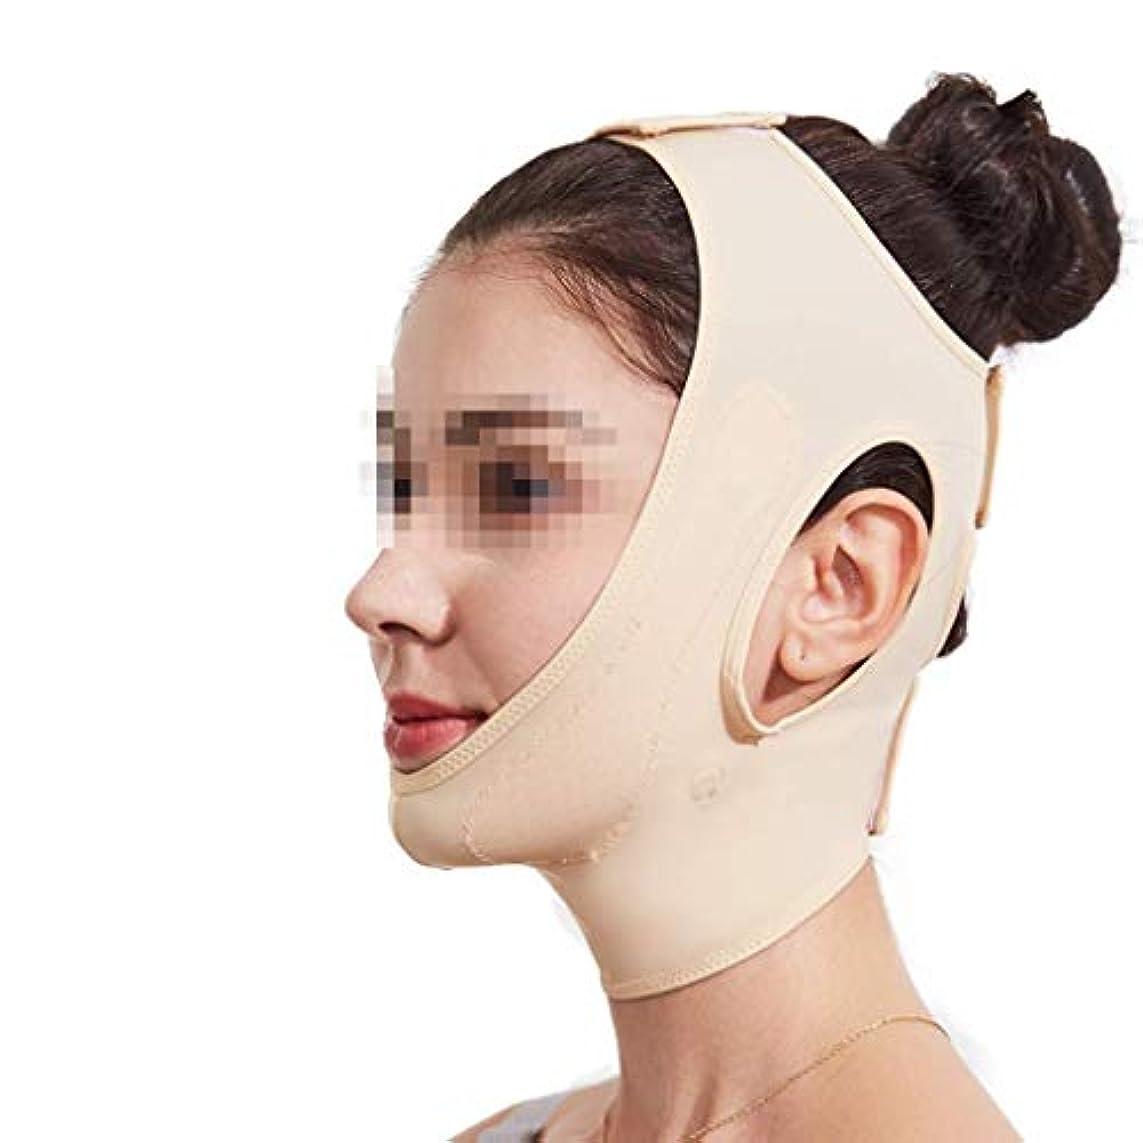 確認してくださいヘビ然としたフェイスリフティングバンデージ、フェイスマスクフェイスリフトチン快適な顔マルチカラーオプション(色:肌のトーン)